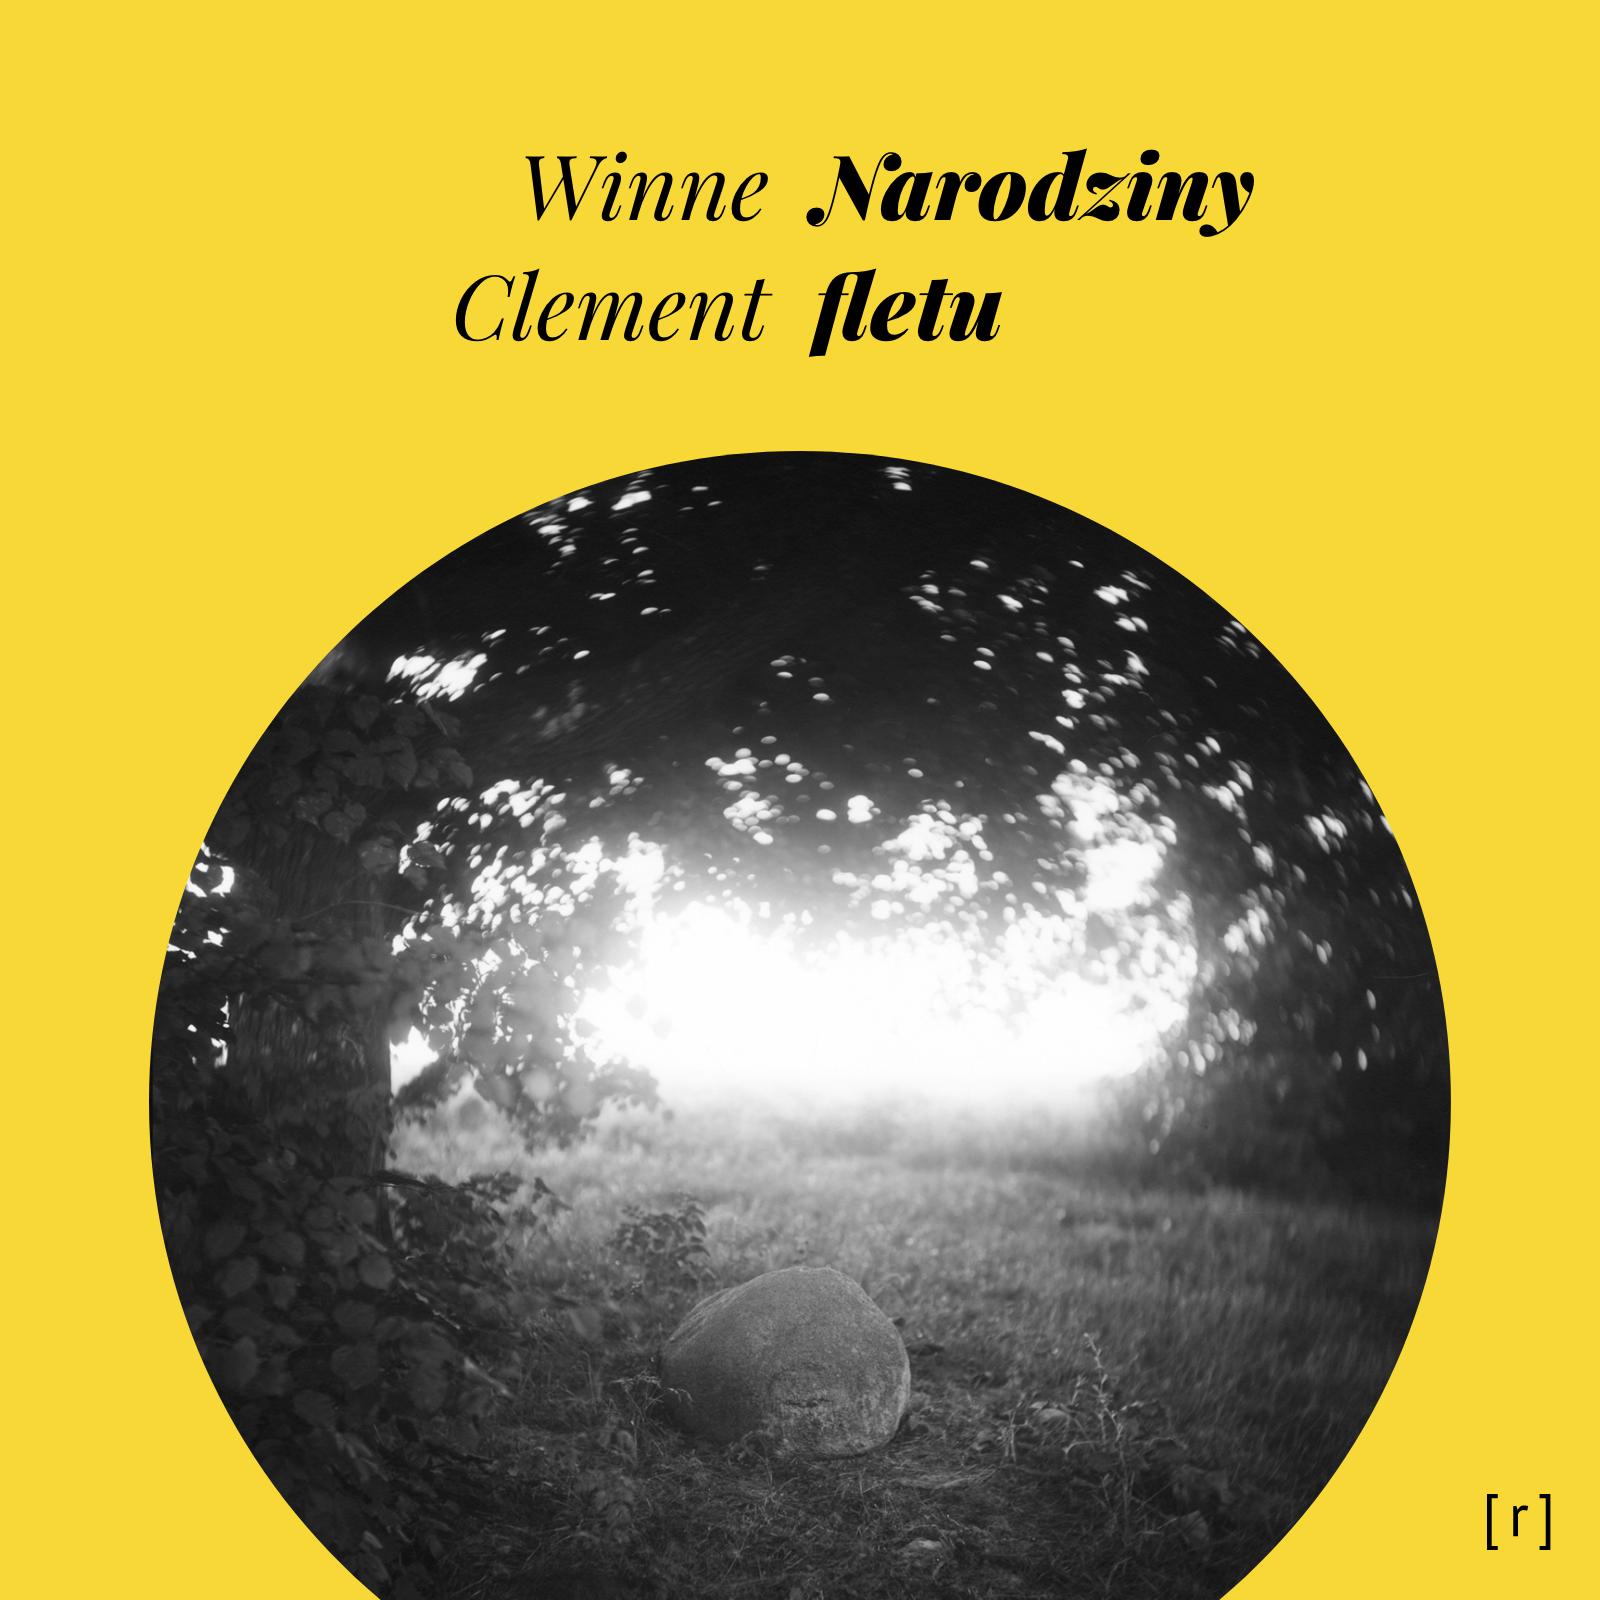 Winne Clement: Narodziny fletu